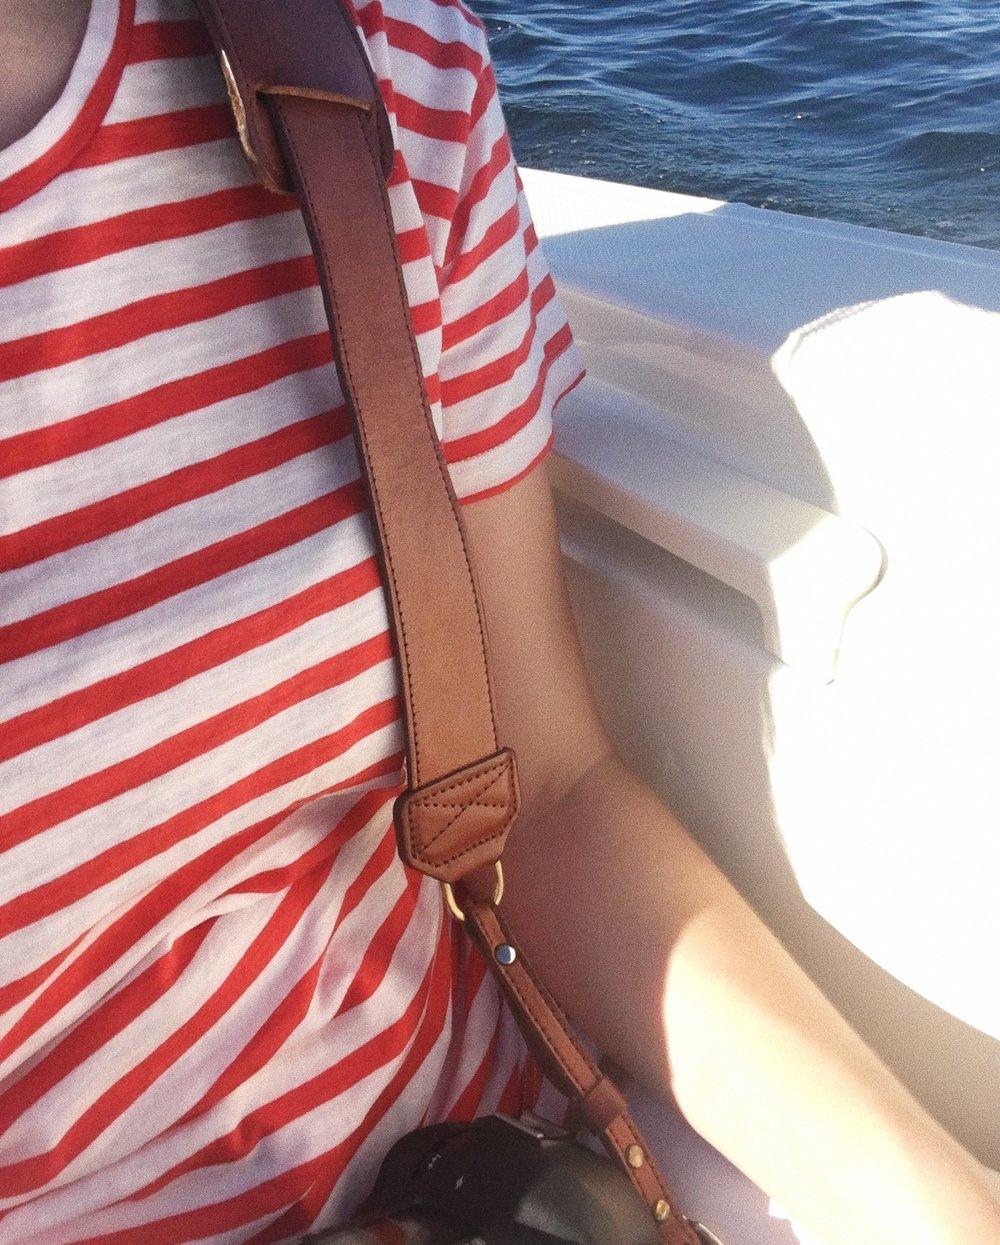 Image taken on a boat in Lake Washington.